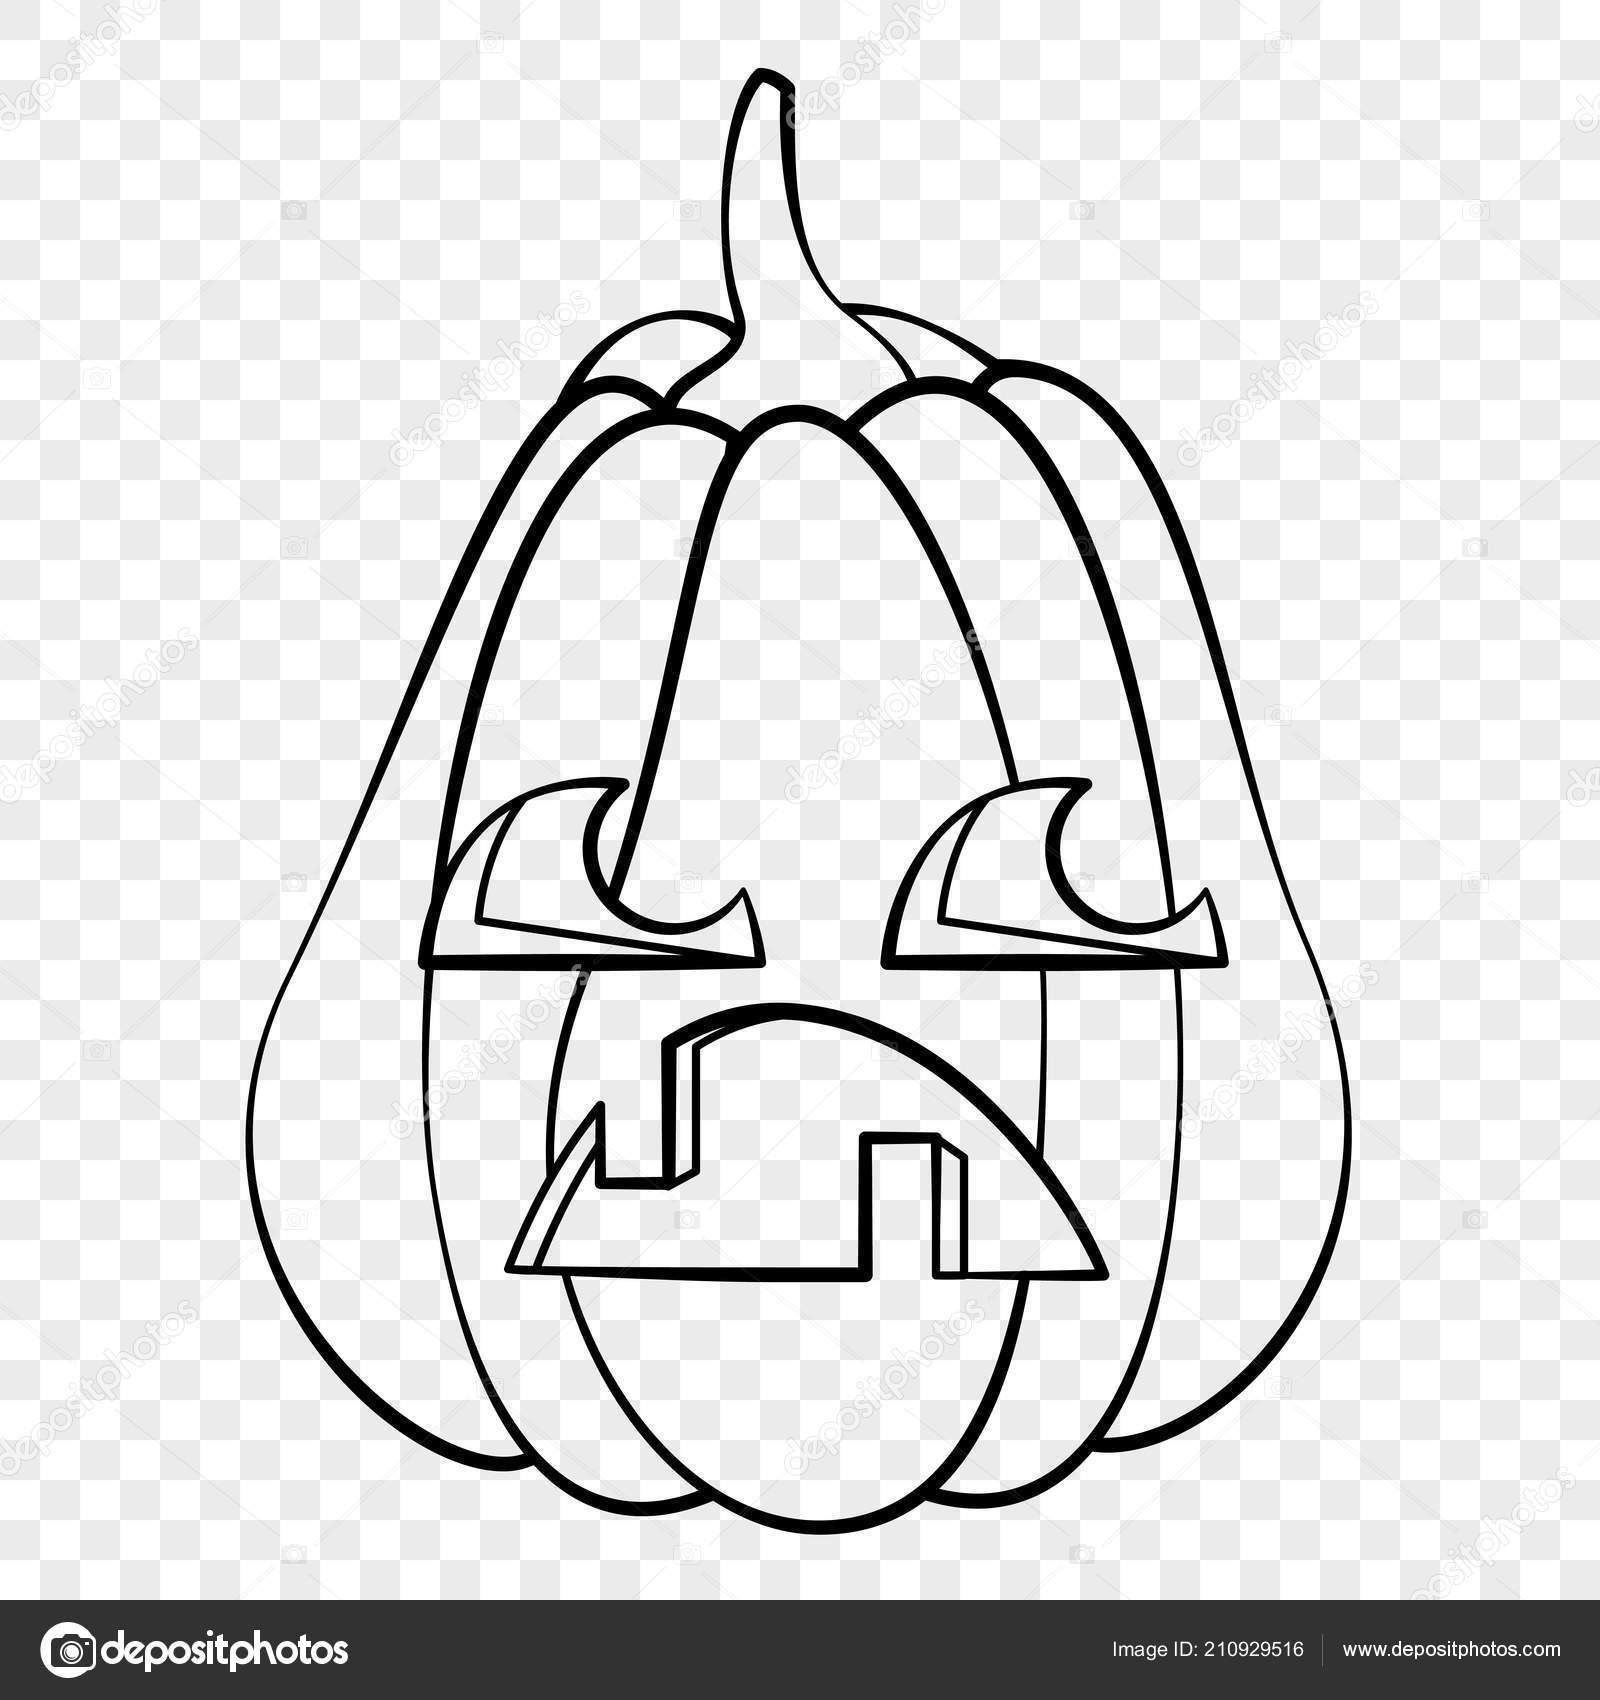 Halloween Tekeningen Pompoen.Droevig Gezicht Halloween Pompoen Emotie Schets Tekening